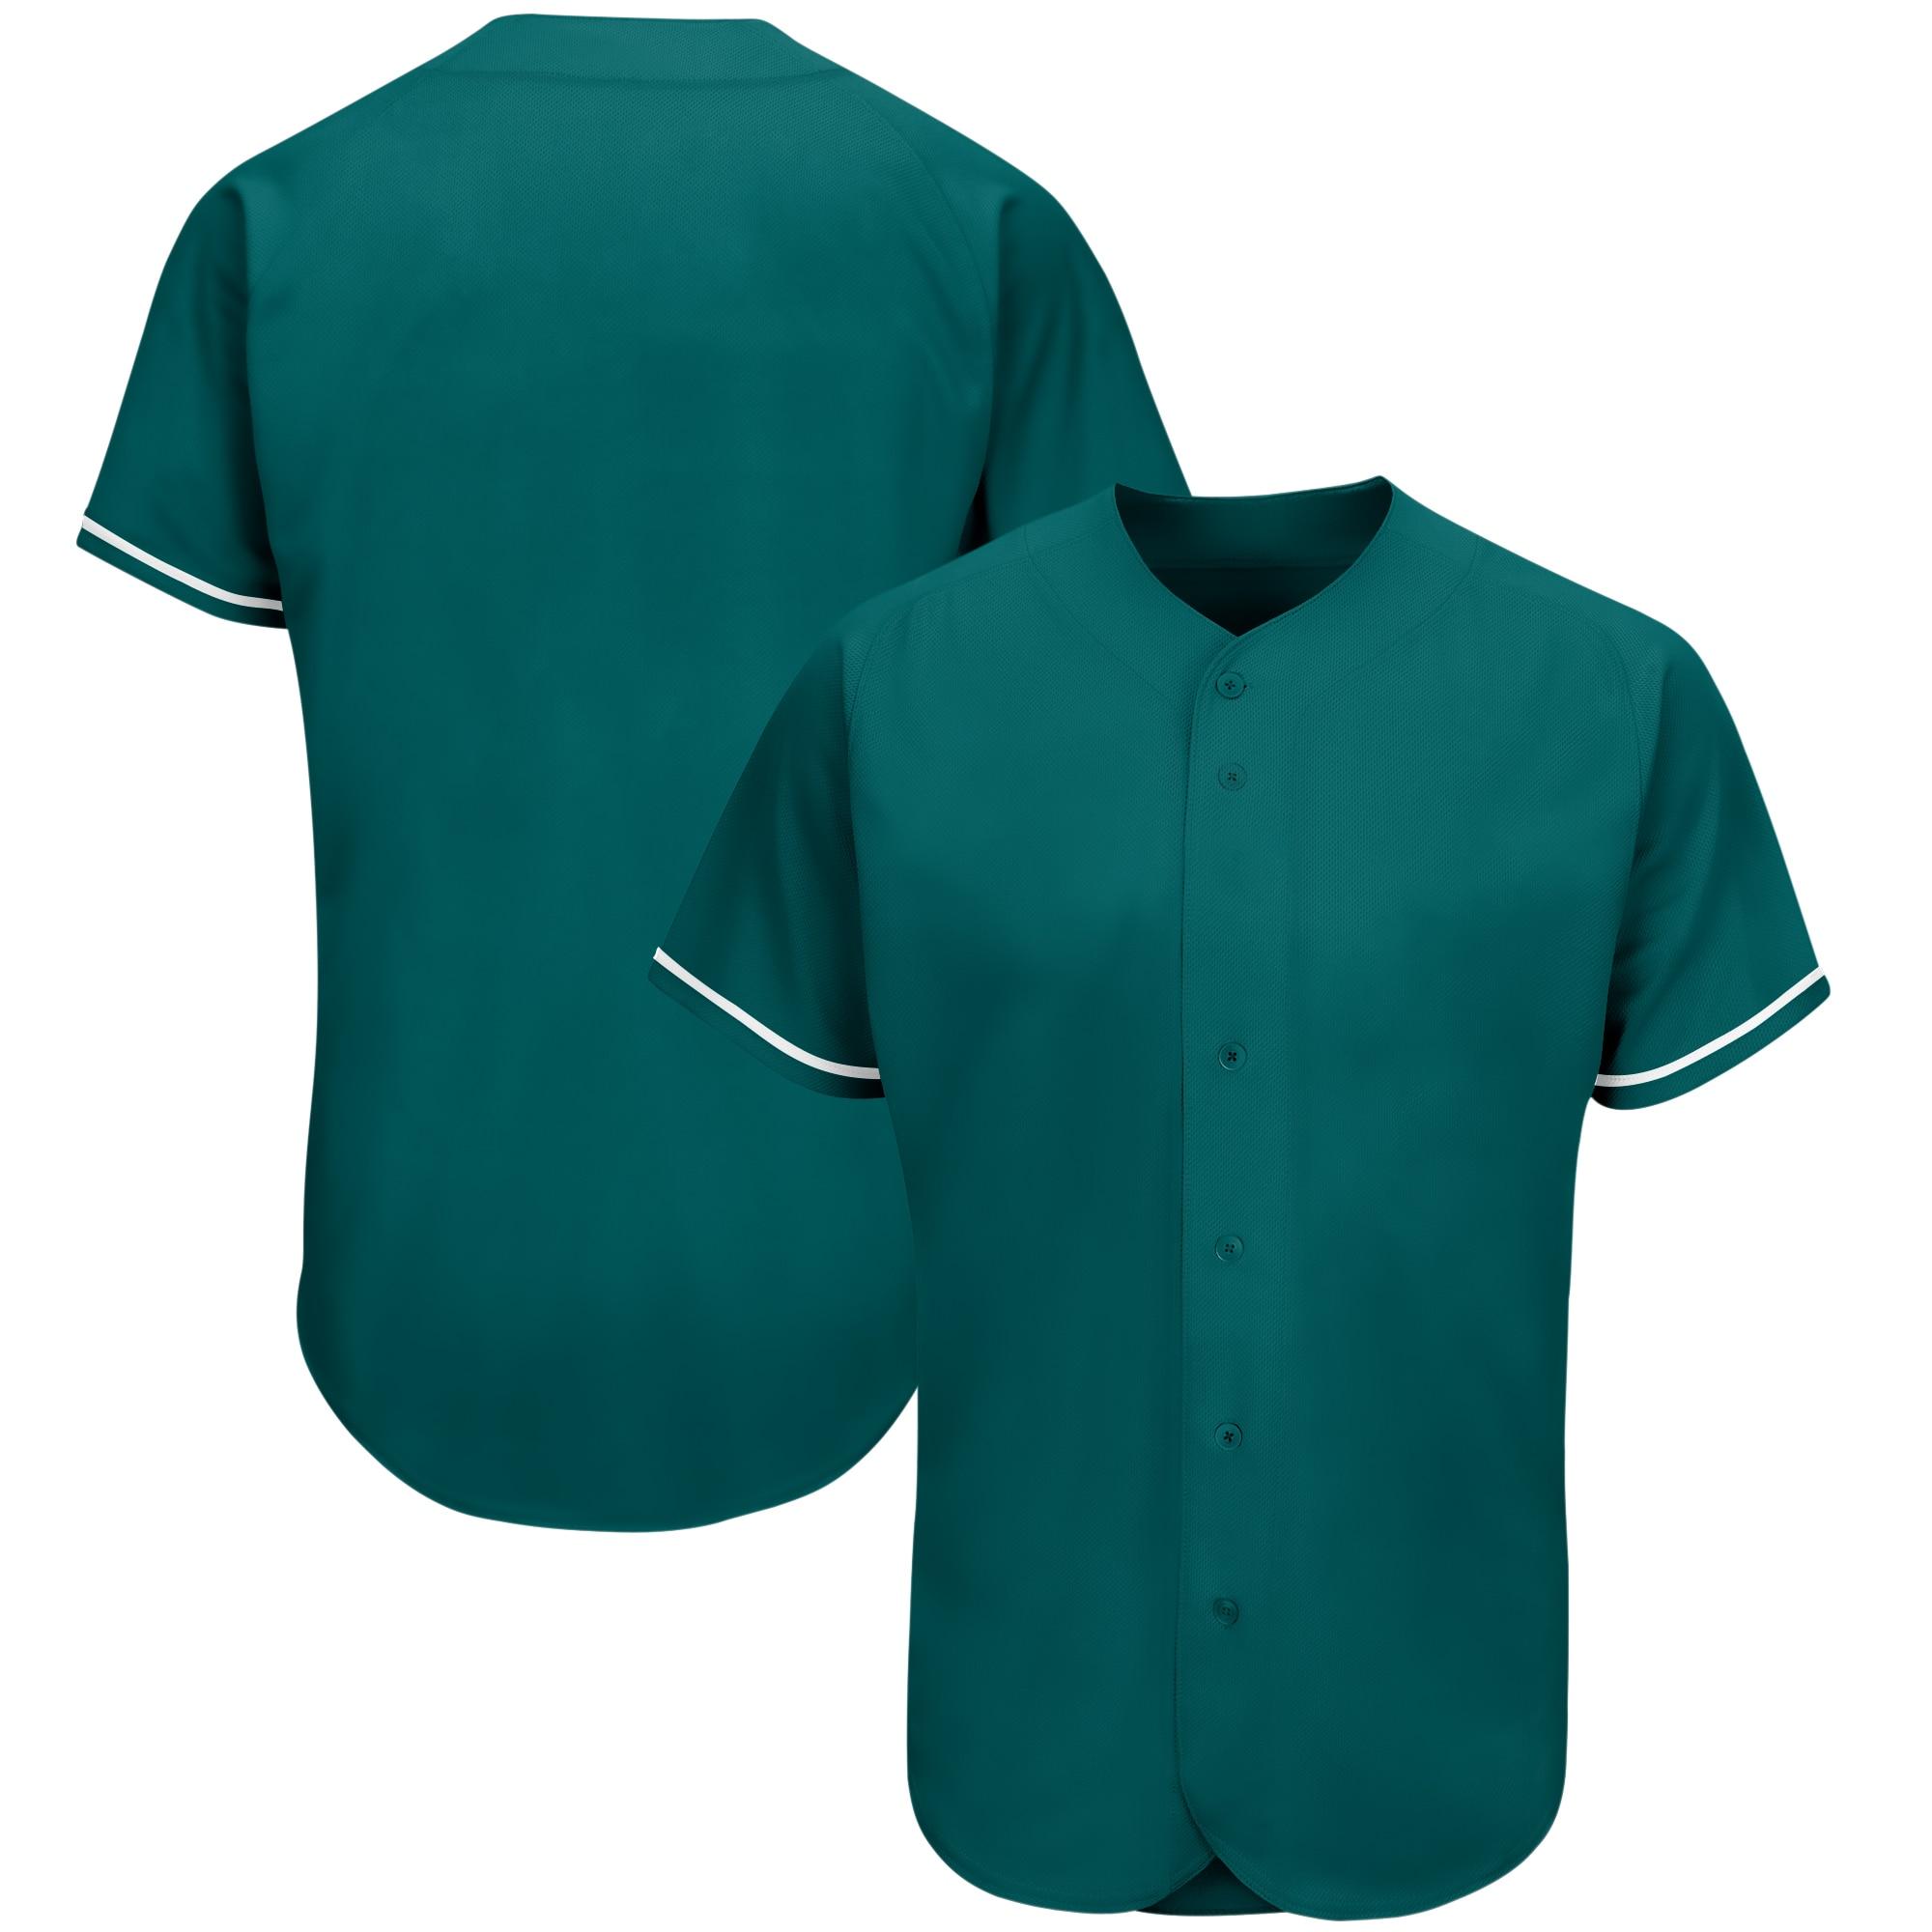 Недорогая бейсбольная Джерси для мужчин, американский стиль, с номером, спортивные футболки, униформа для чирлидинга, 2021